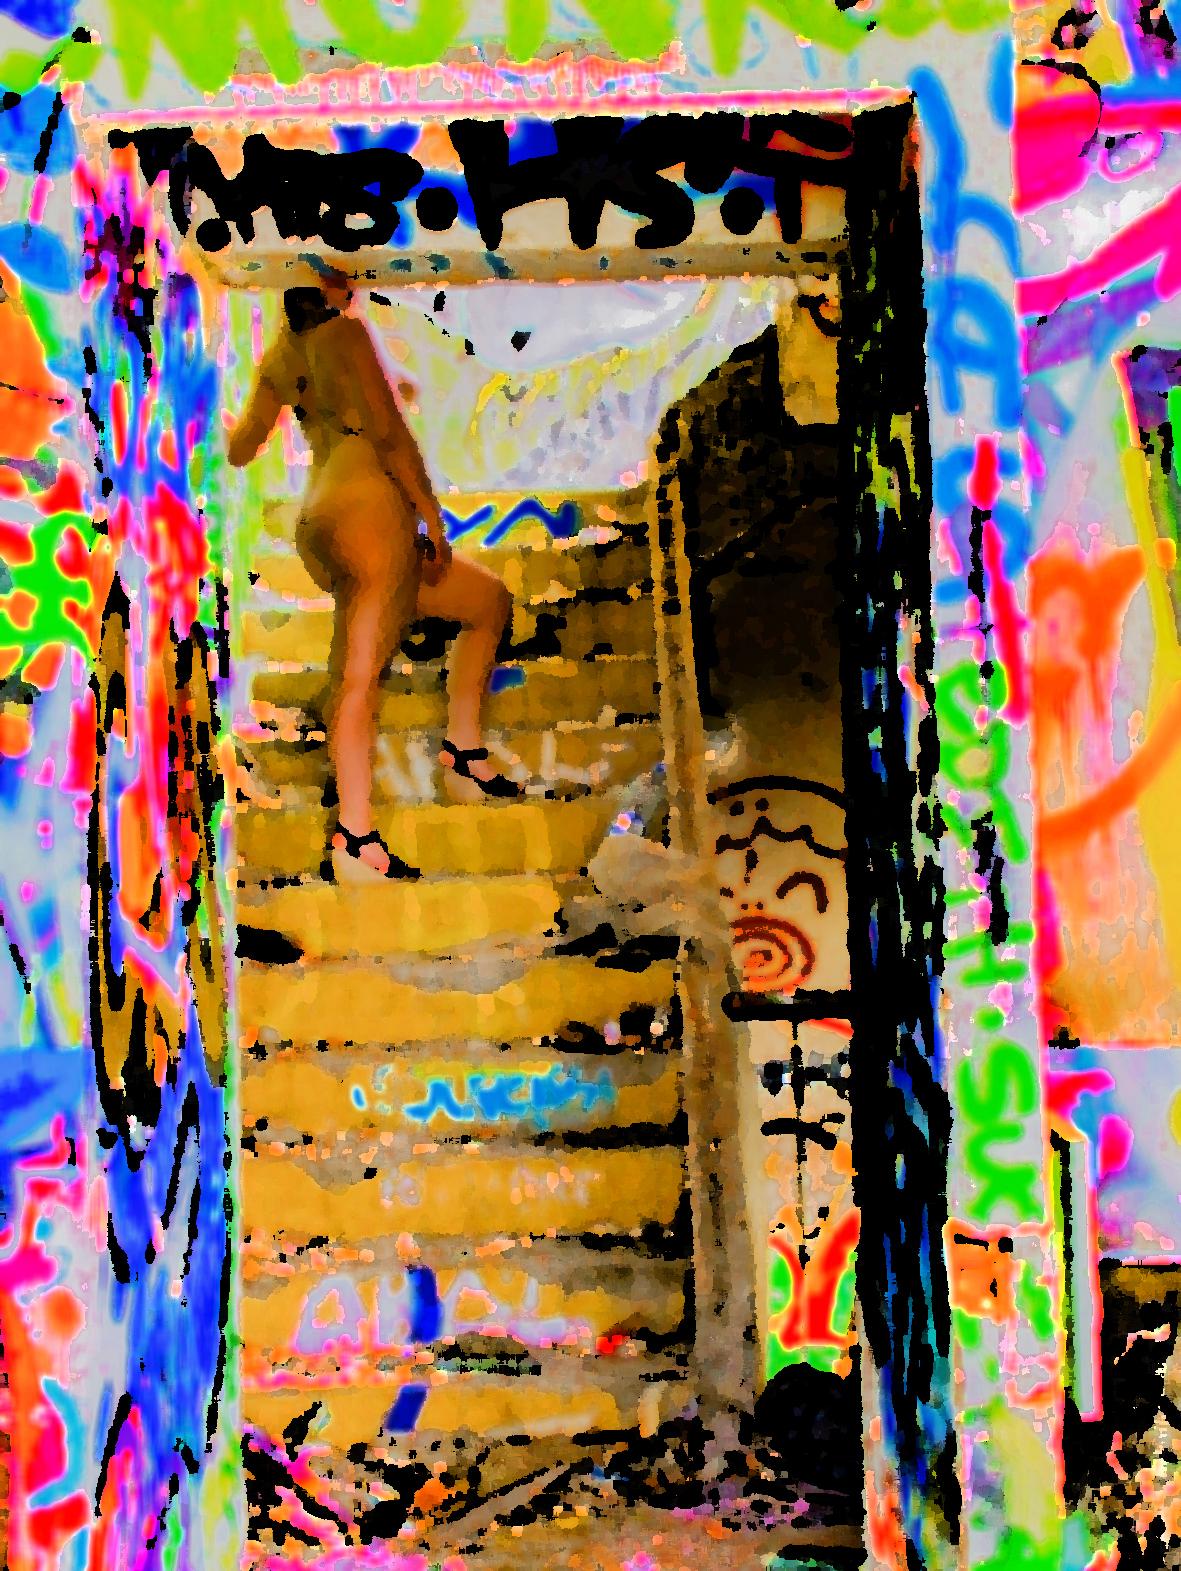 """Invitation, une photo de la collection """"Art of Street Sex"""" par Les Chevaliers Photographes."""